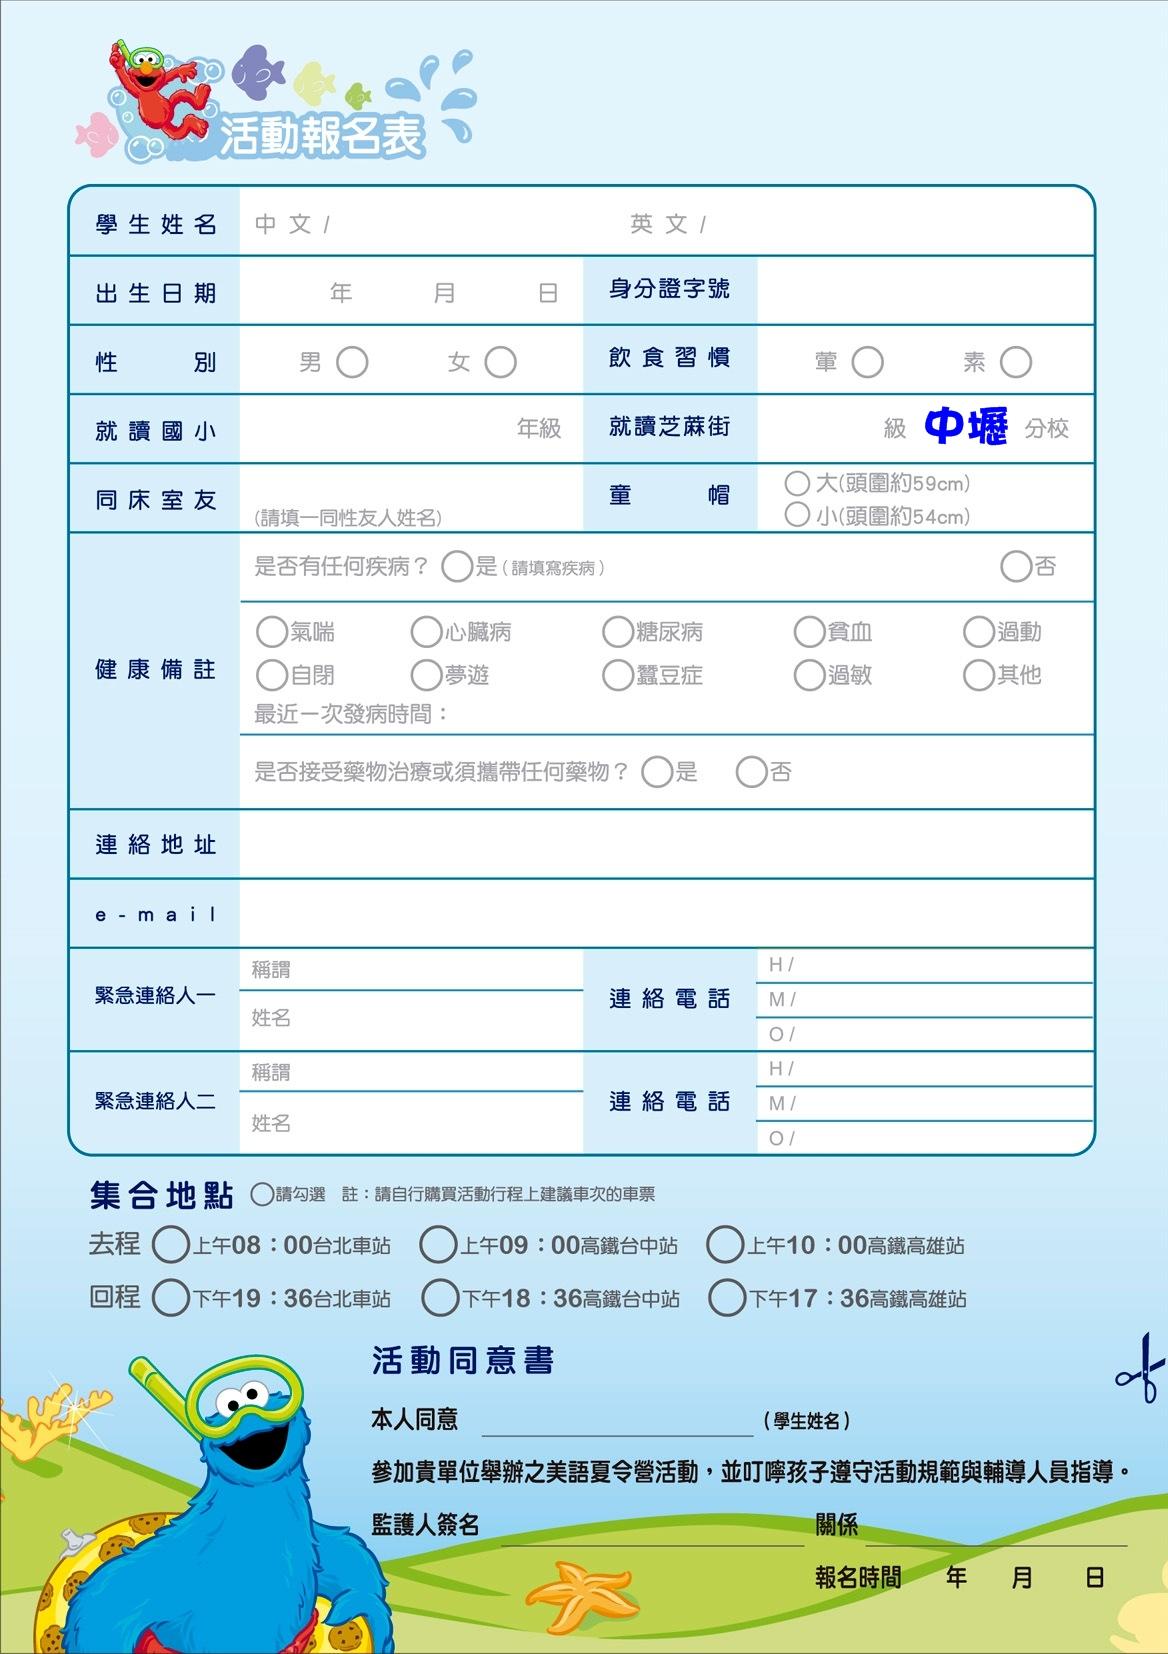 附件三夏令營簡章反面 (1) - 複製